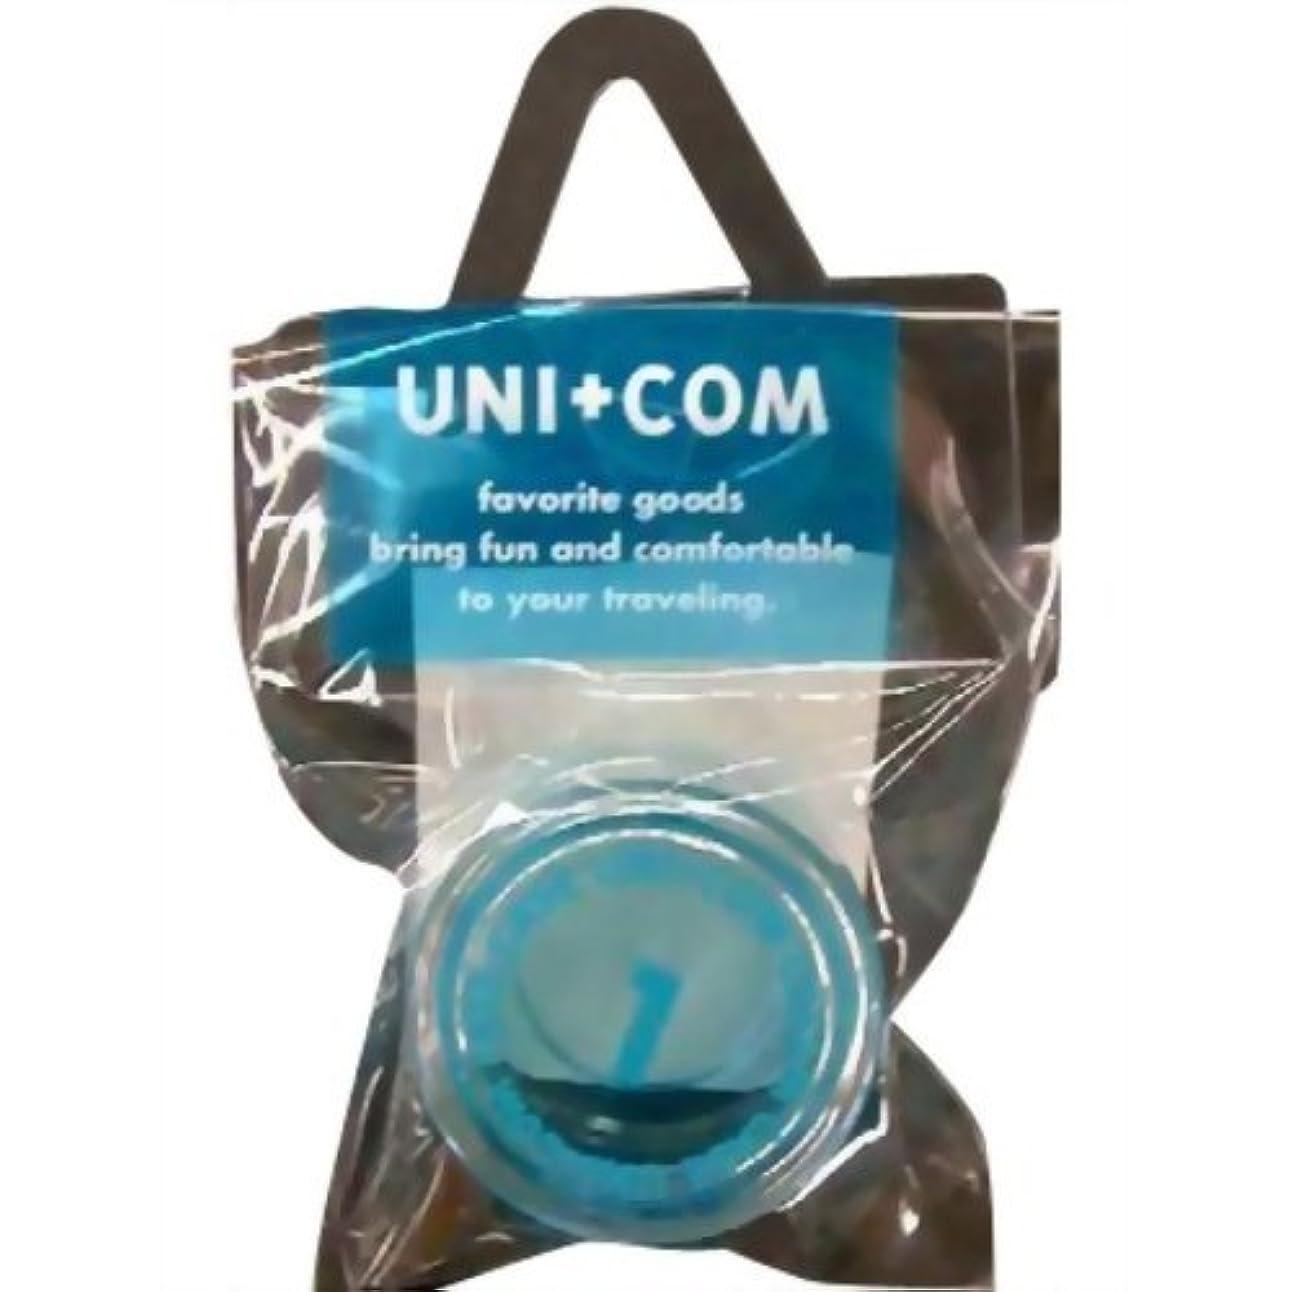 セーター創始者テクニカルユニコム クリームケース 10g ブルー